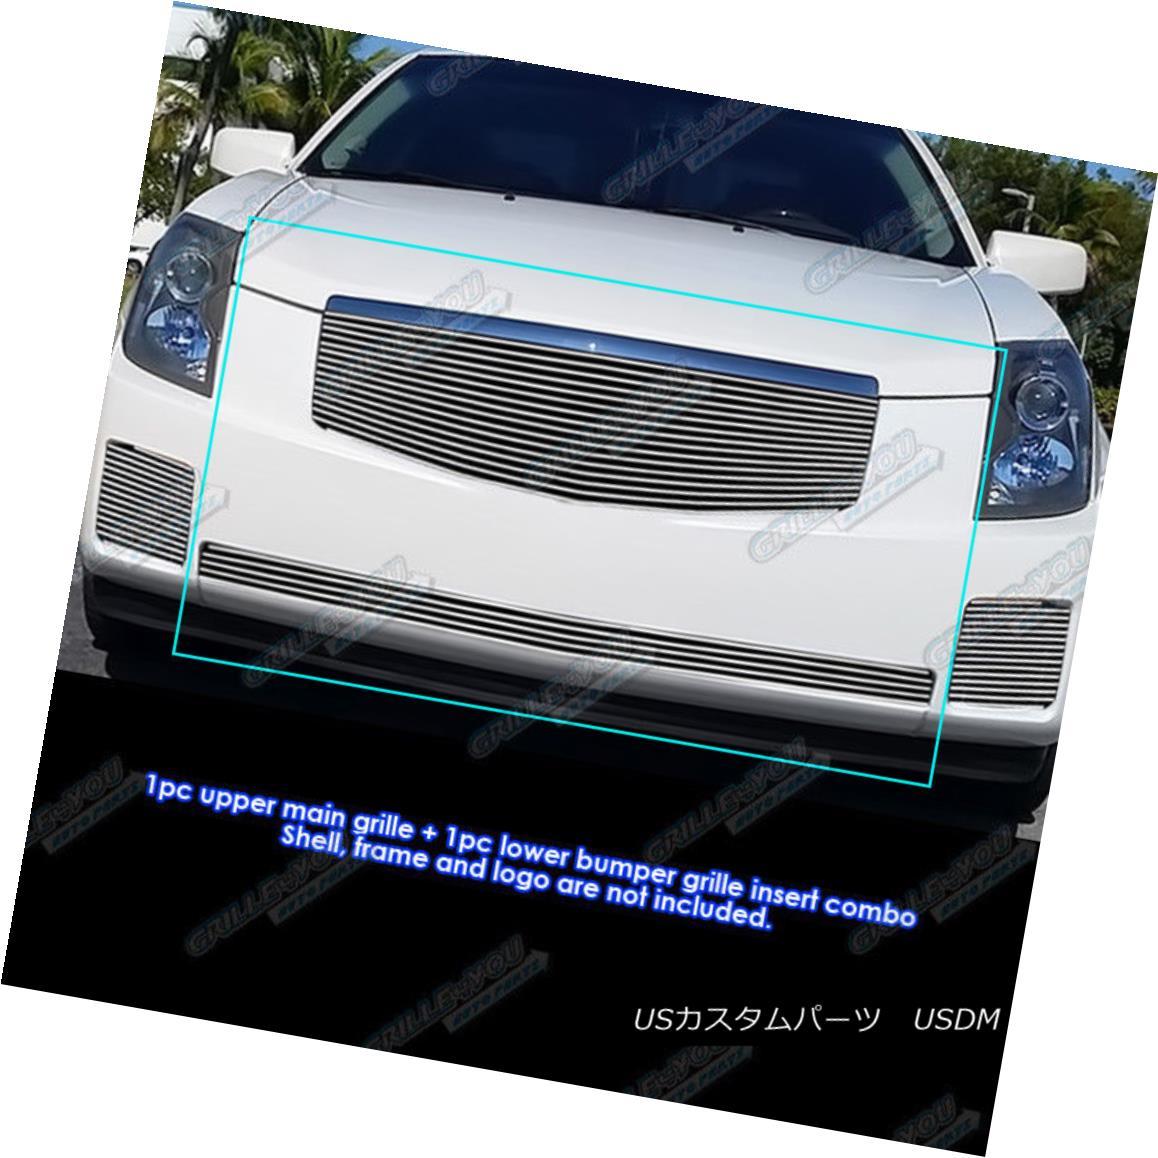 グリル Fits 2003-2007 Cadillac CTS Billet Grille Grill Combo Insert フィット2003-2007キャデラックCTSビレットグリルグリルコンボインサート